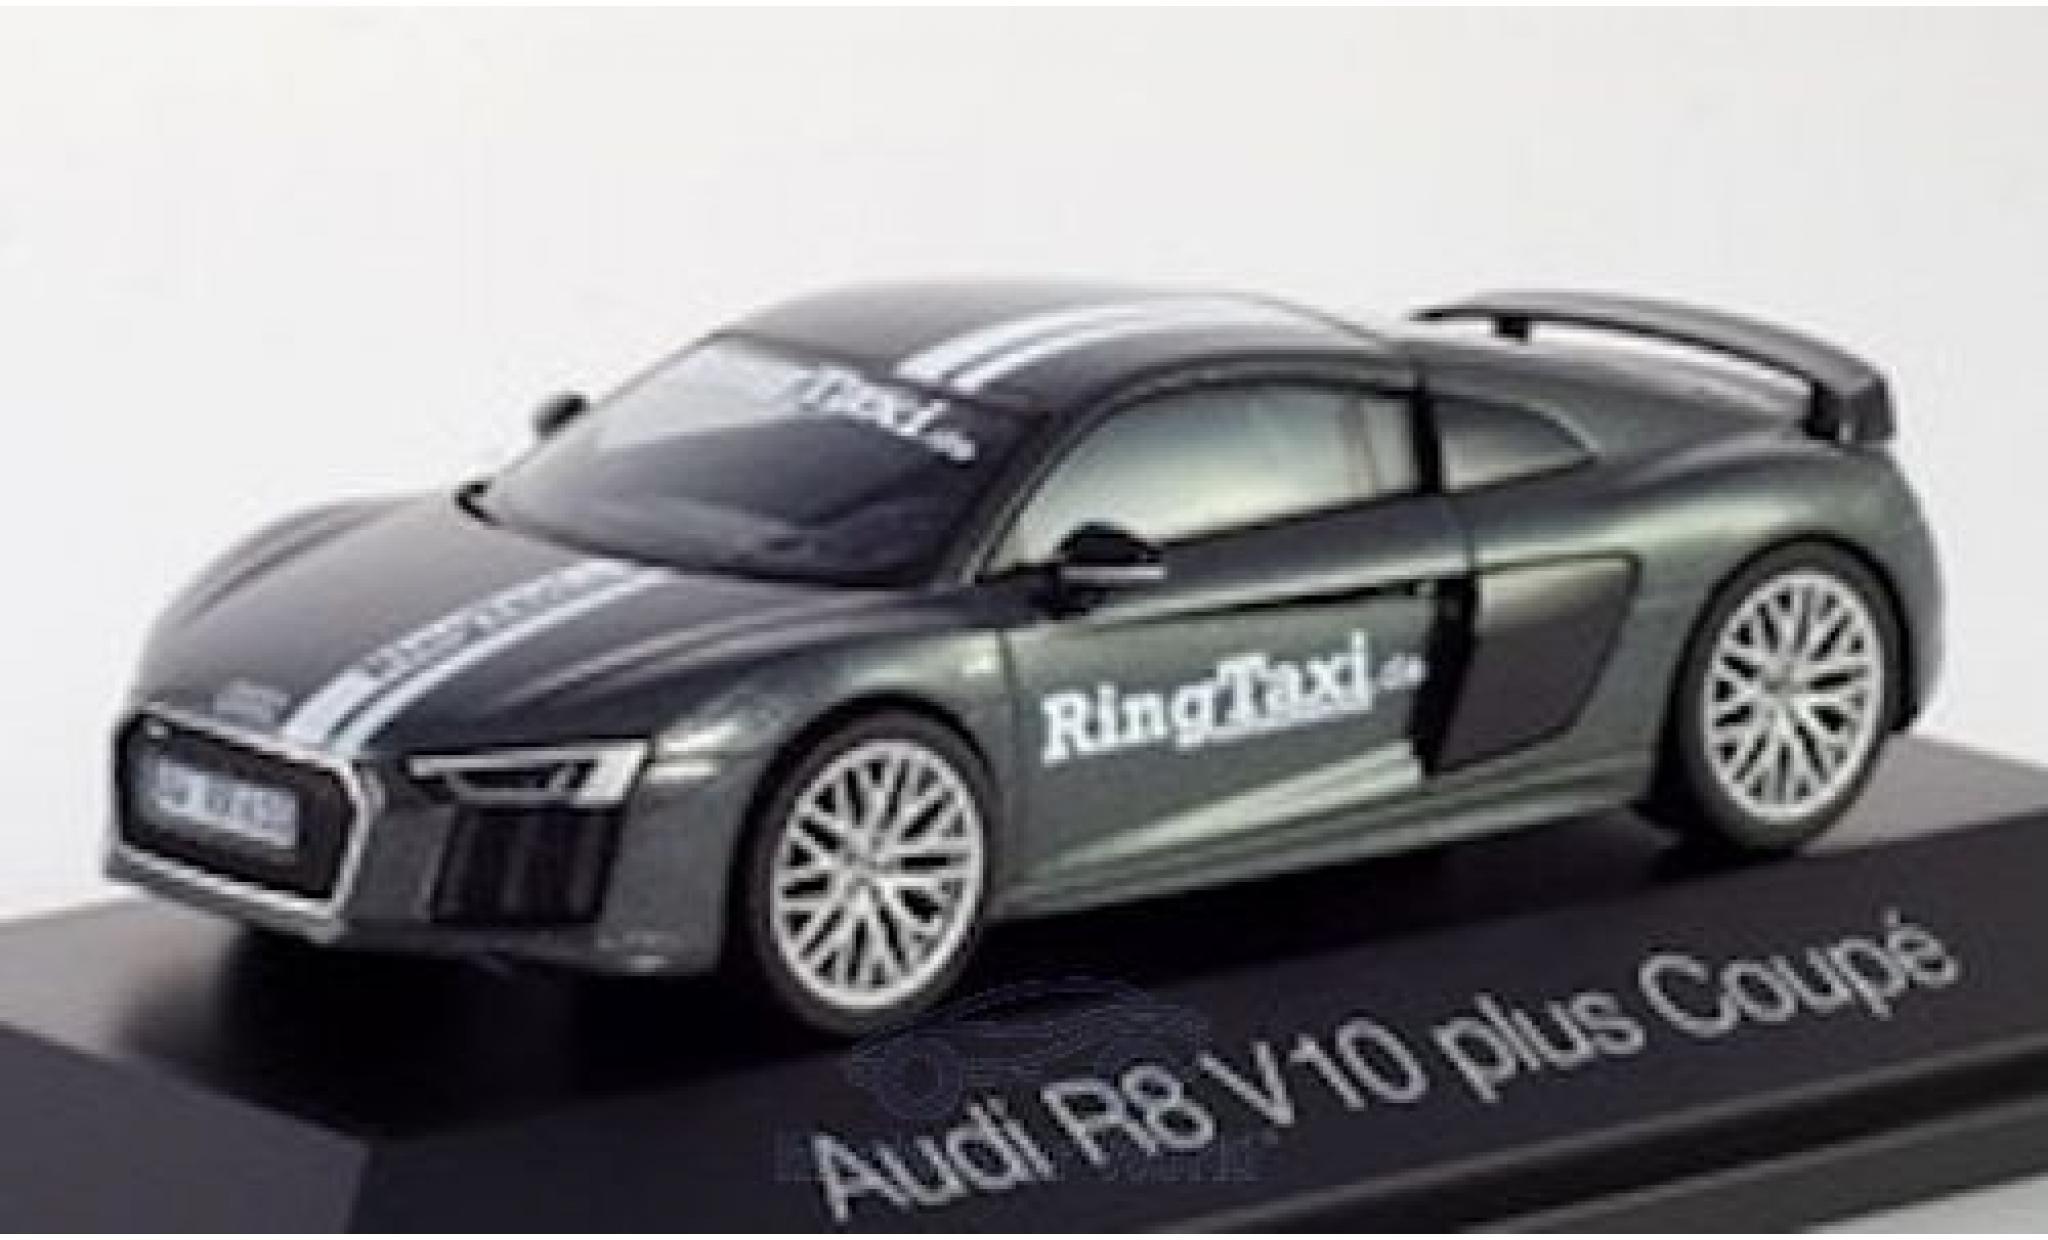 Audi R8 1/43 Herpa V10 Plus metallise grey/Dekor RingTaxi Nürburgring